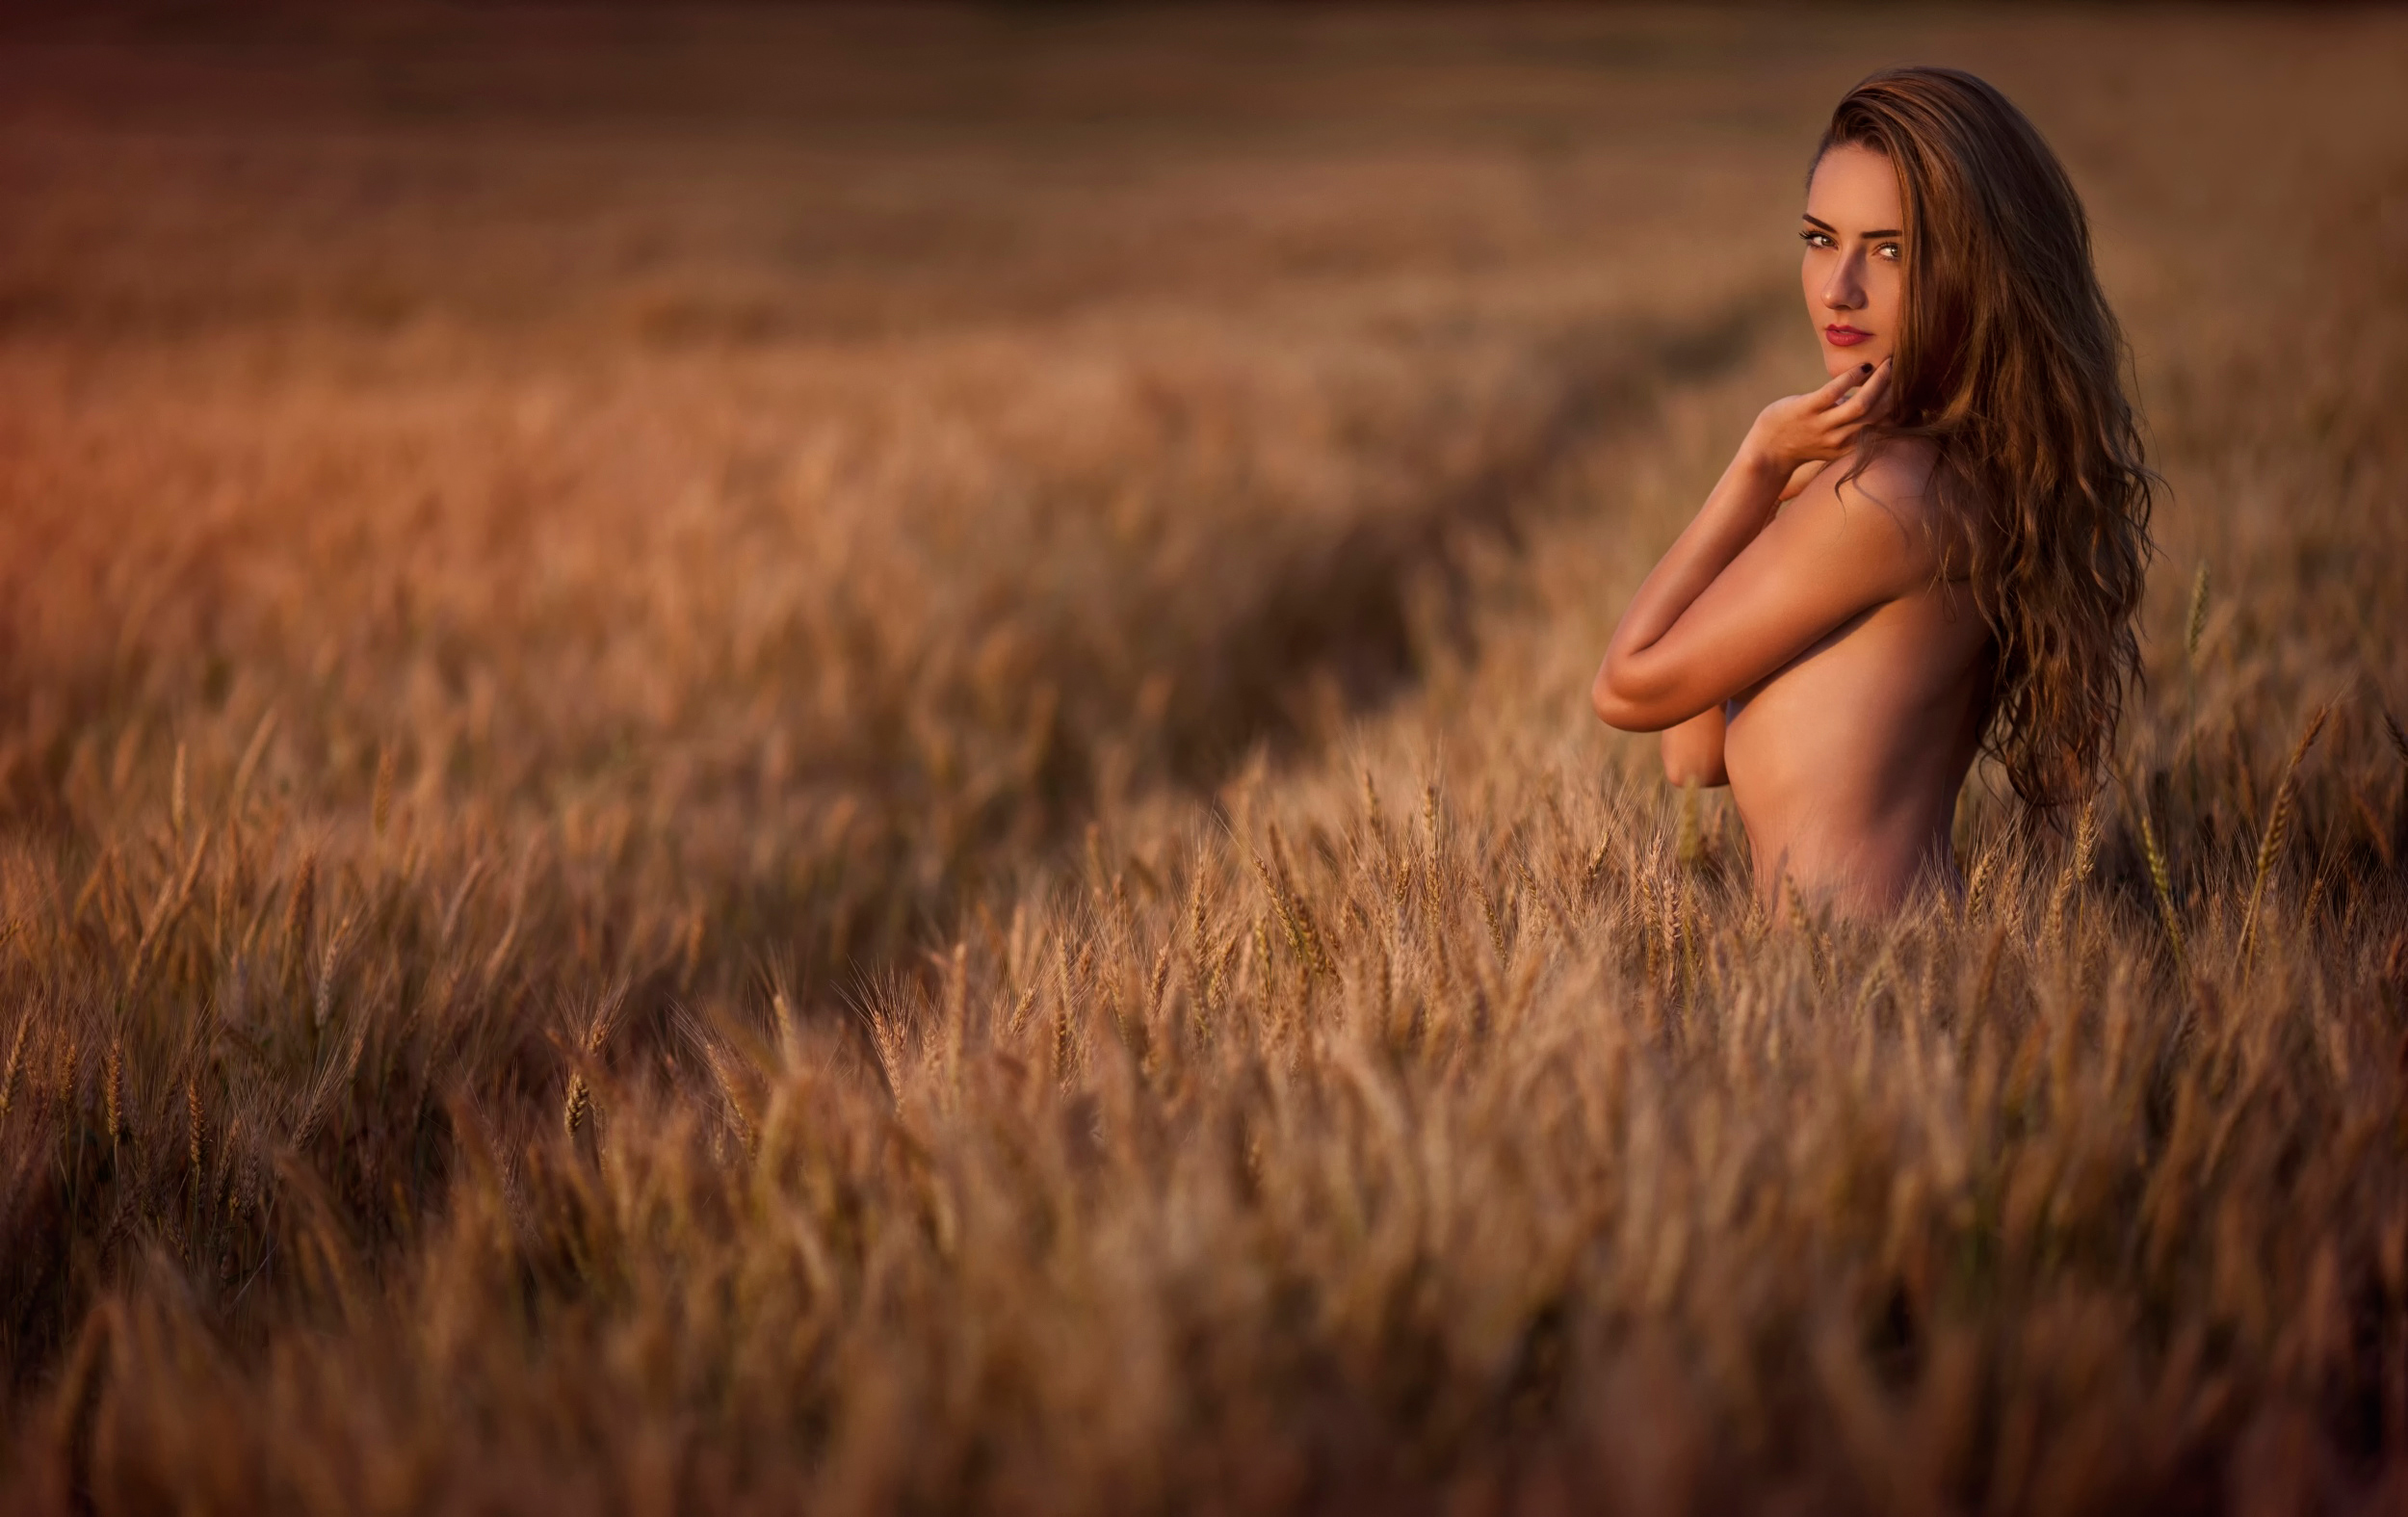 Профессиональные фотографии голых девушек